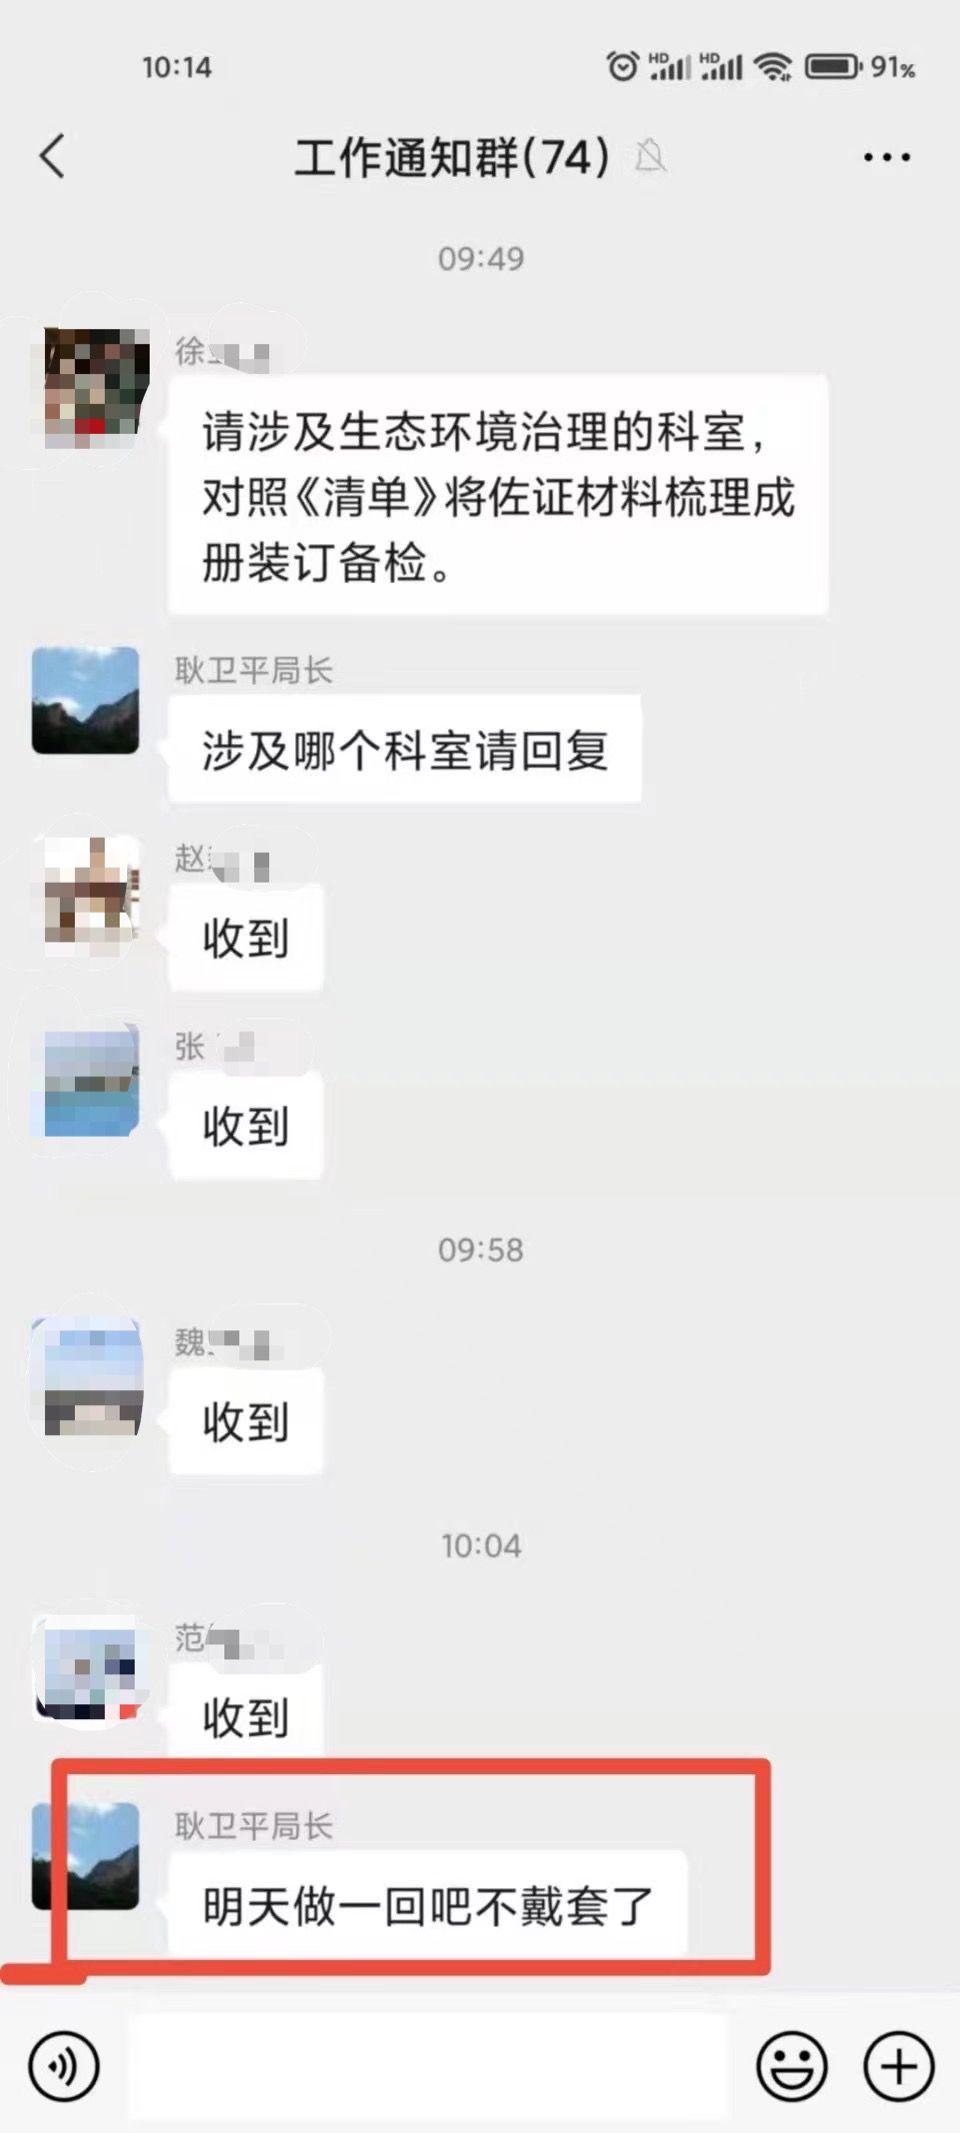 邢台一局长在工作群发情色消息 网友评论:发错人了吧